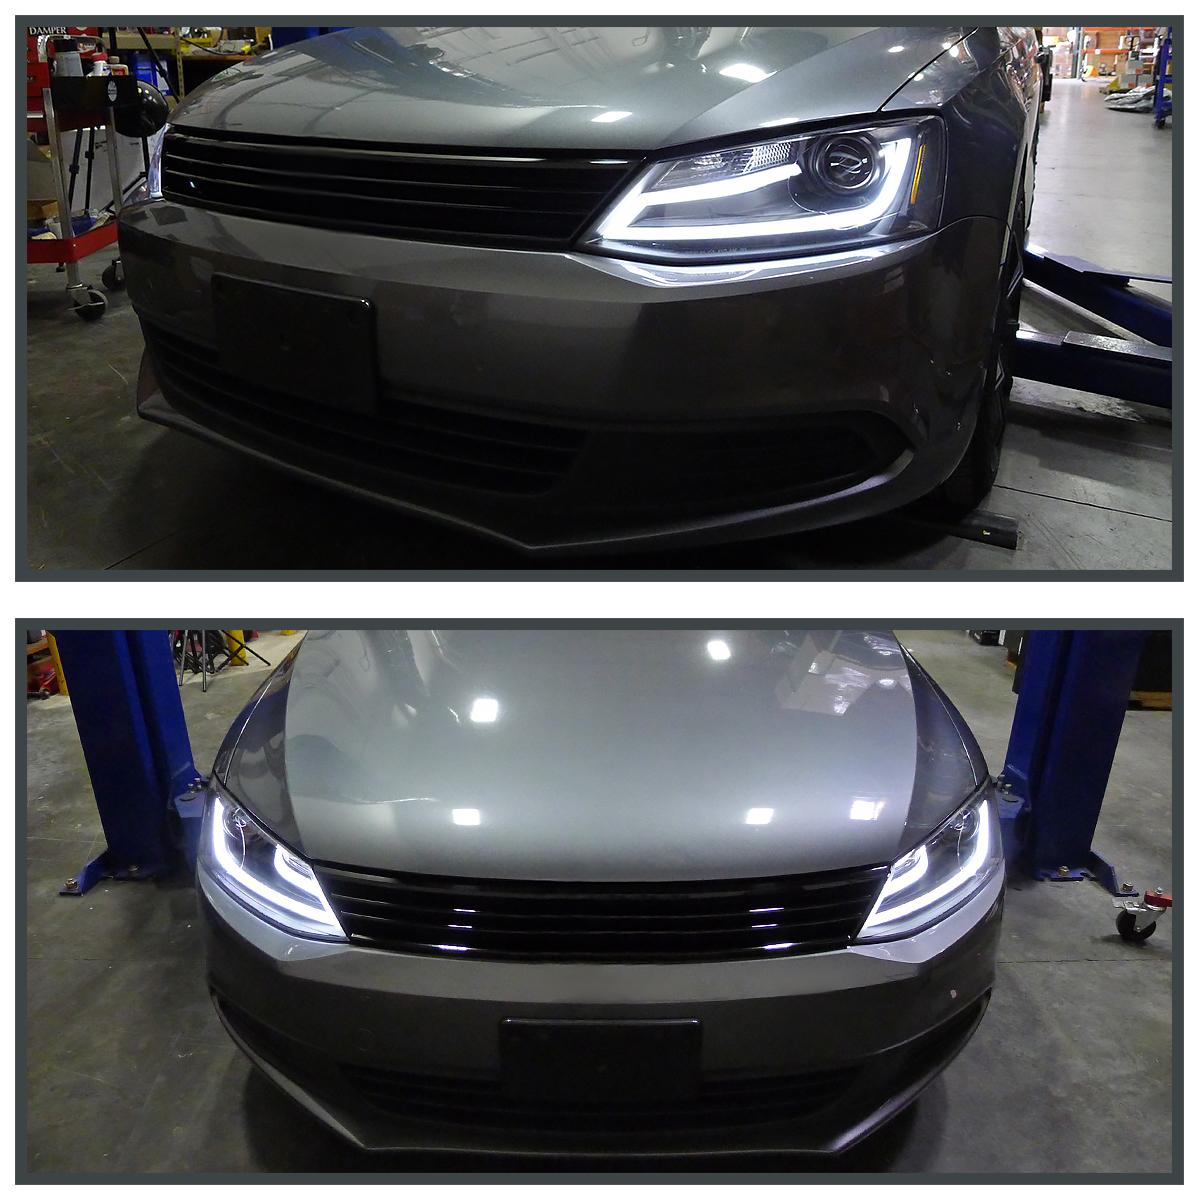 Fit 11-14 VW Jetta MK6 Euro Black Projector Headlights+LED DRL Light Bar | eBay